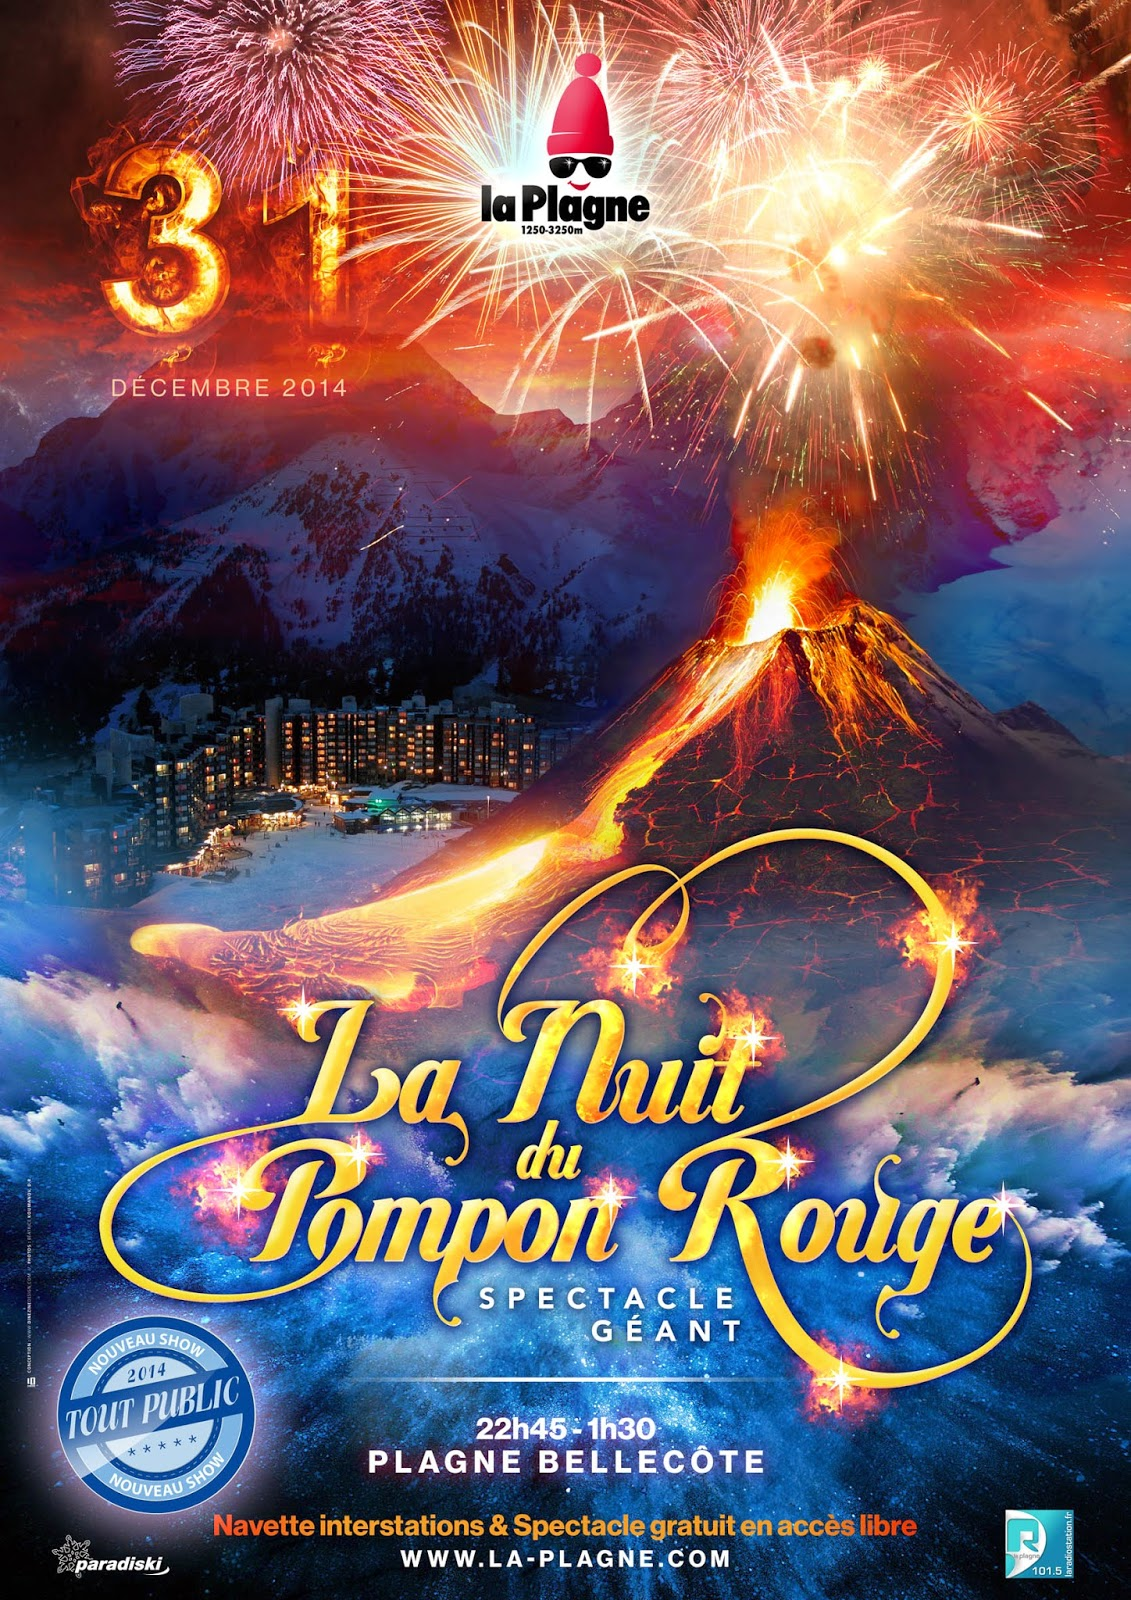 affiche+nuit+pompon+rouge+Soirée+Nouvel+An+LaPlagne